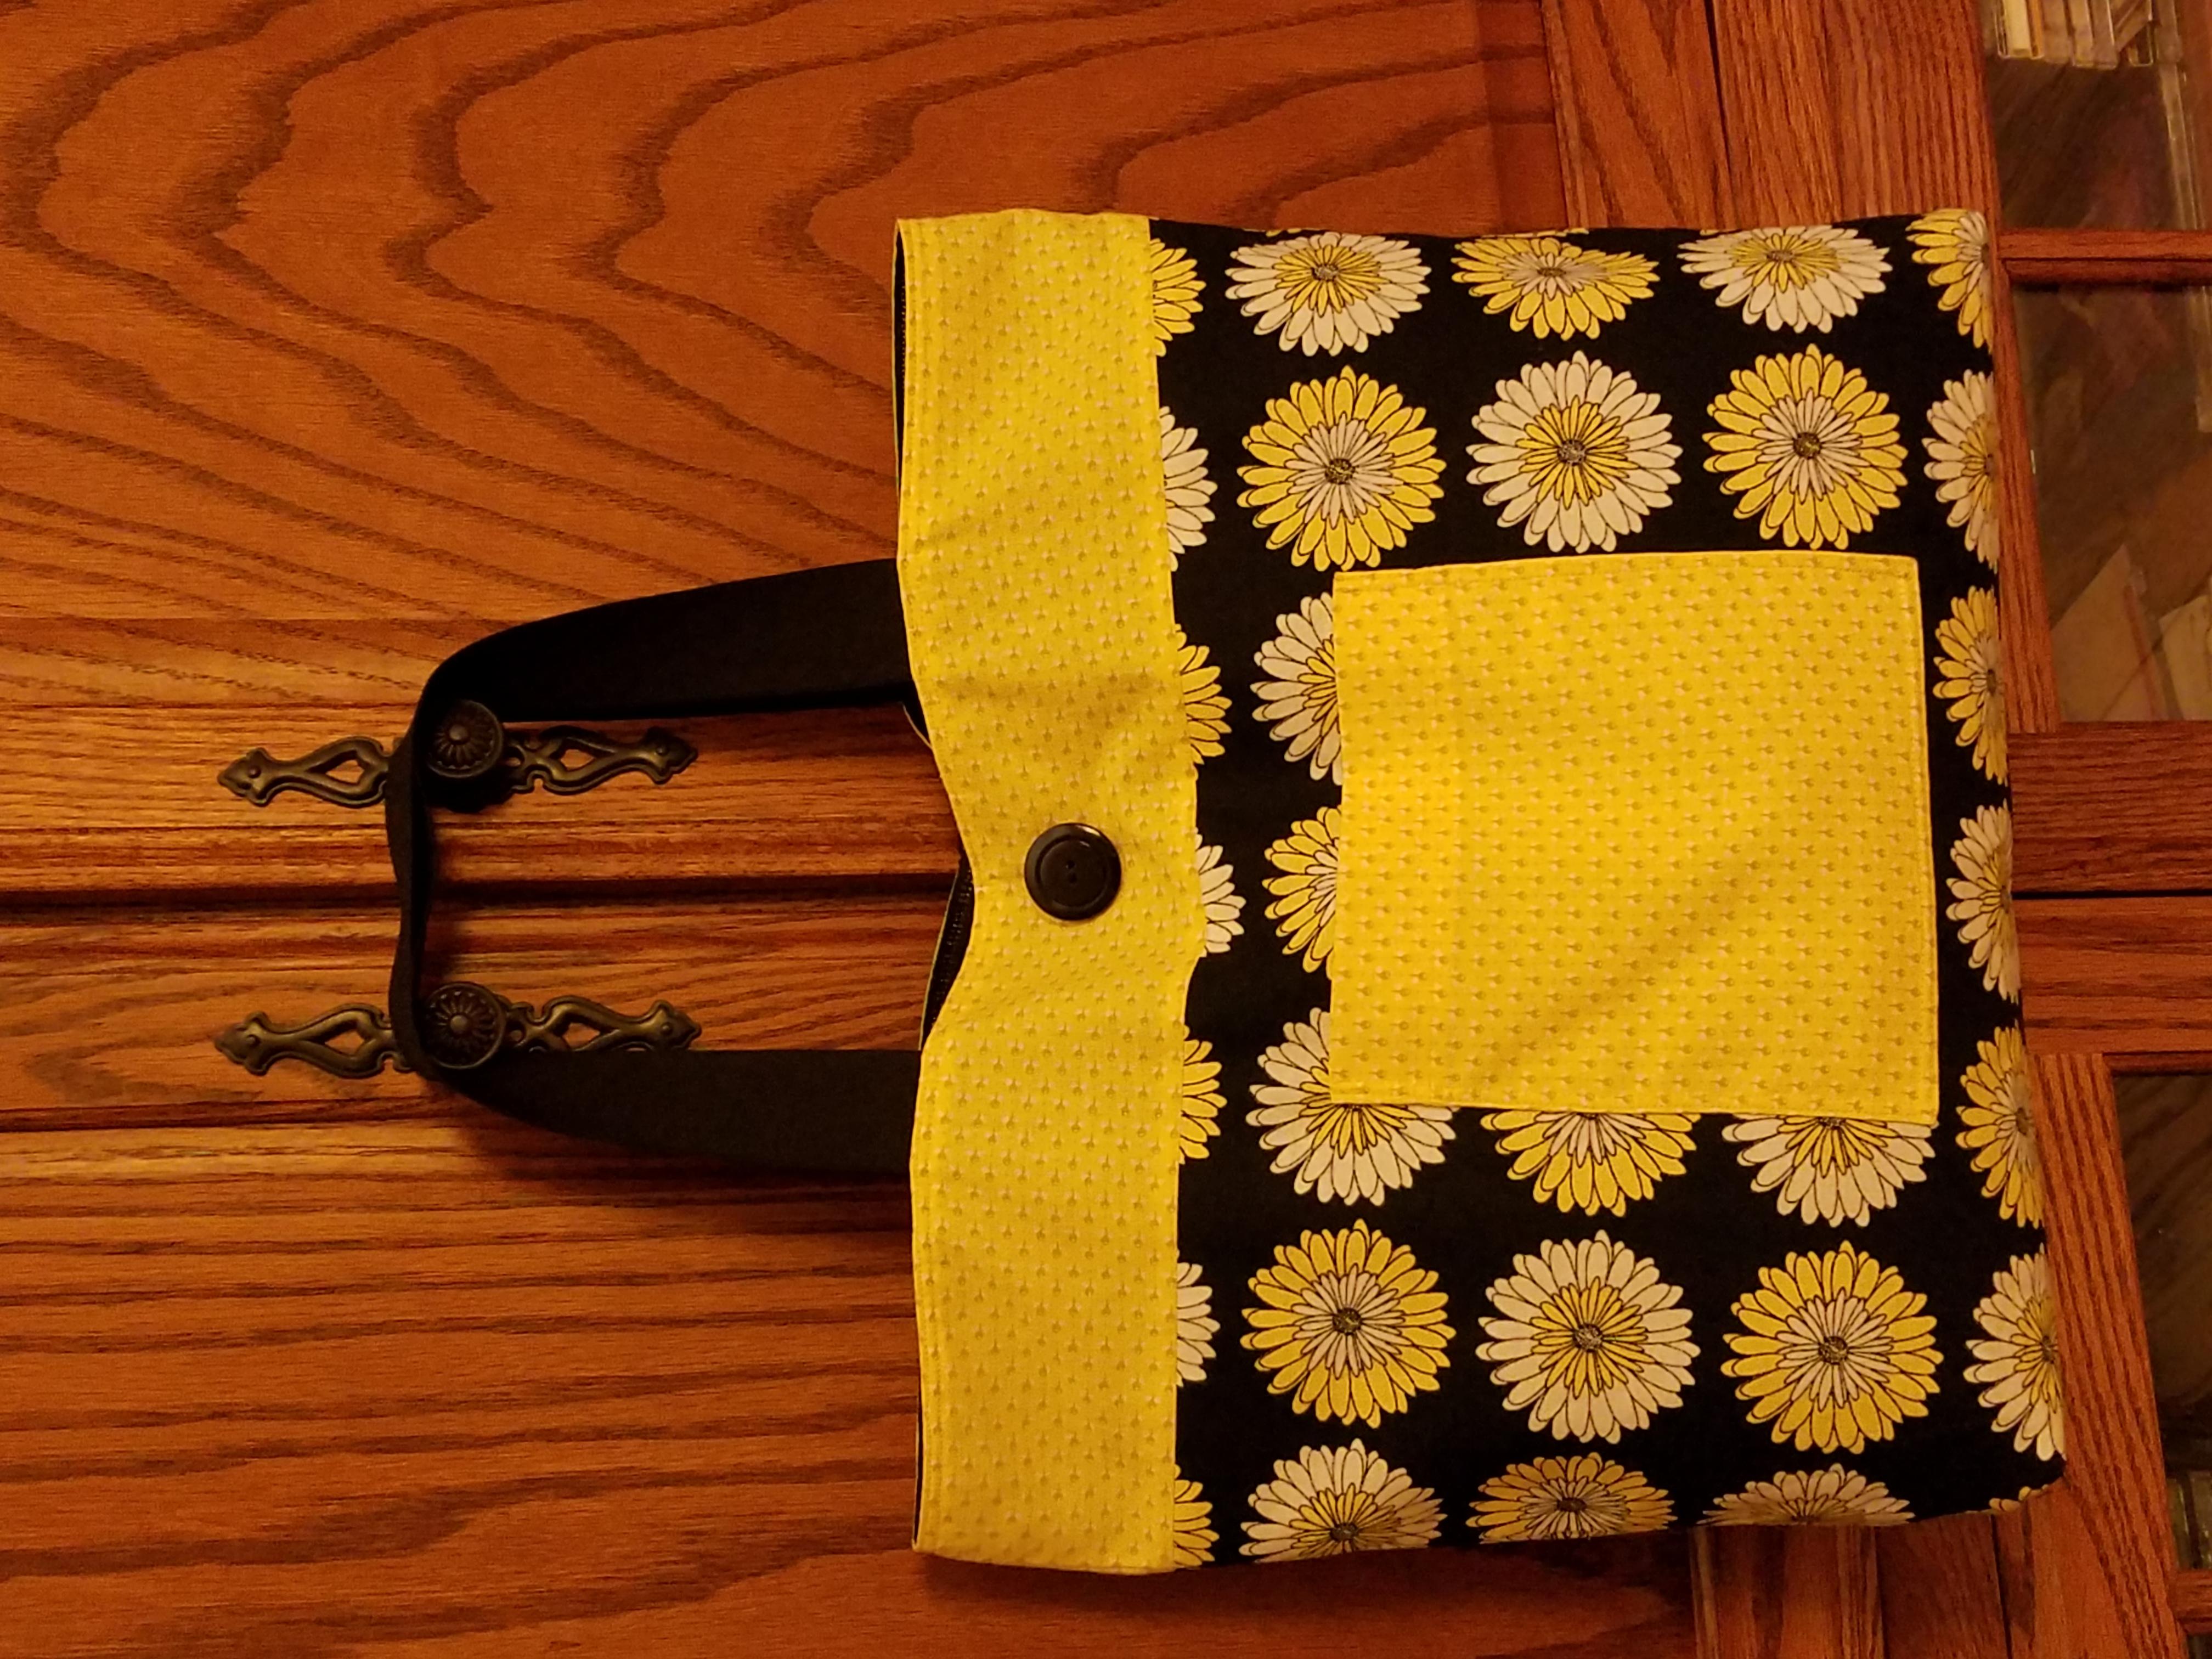 Daisy cotton purse / tote